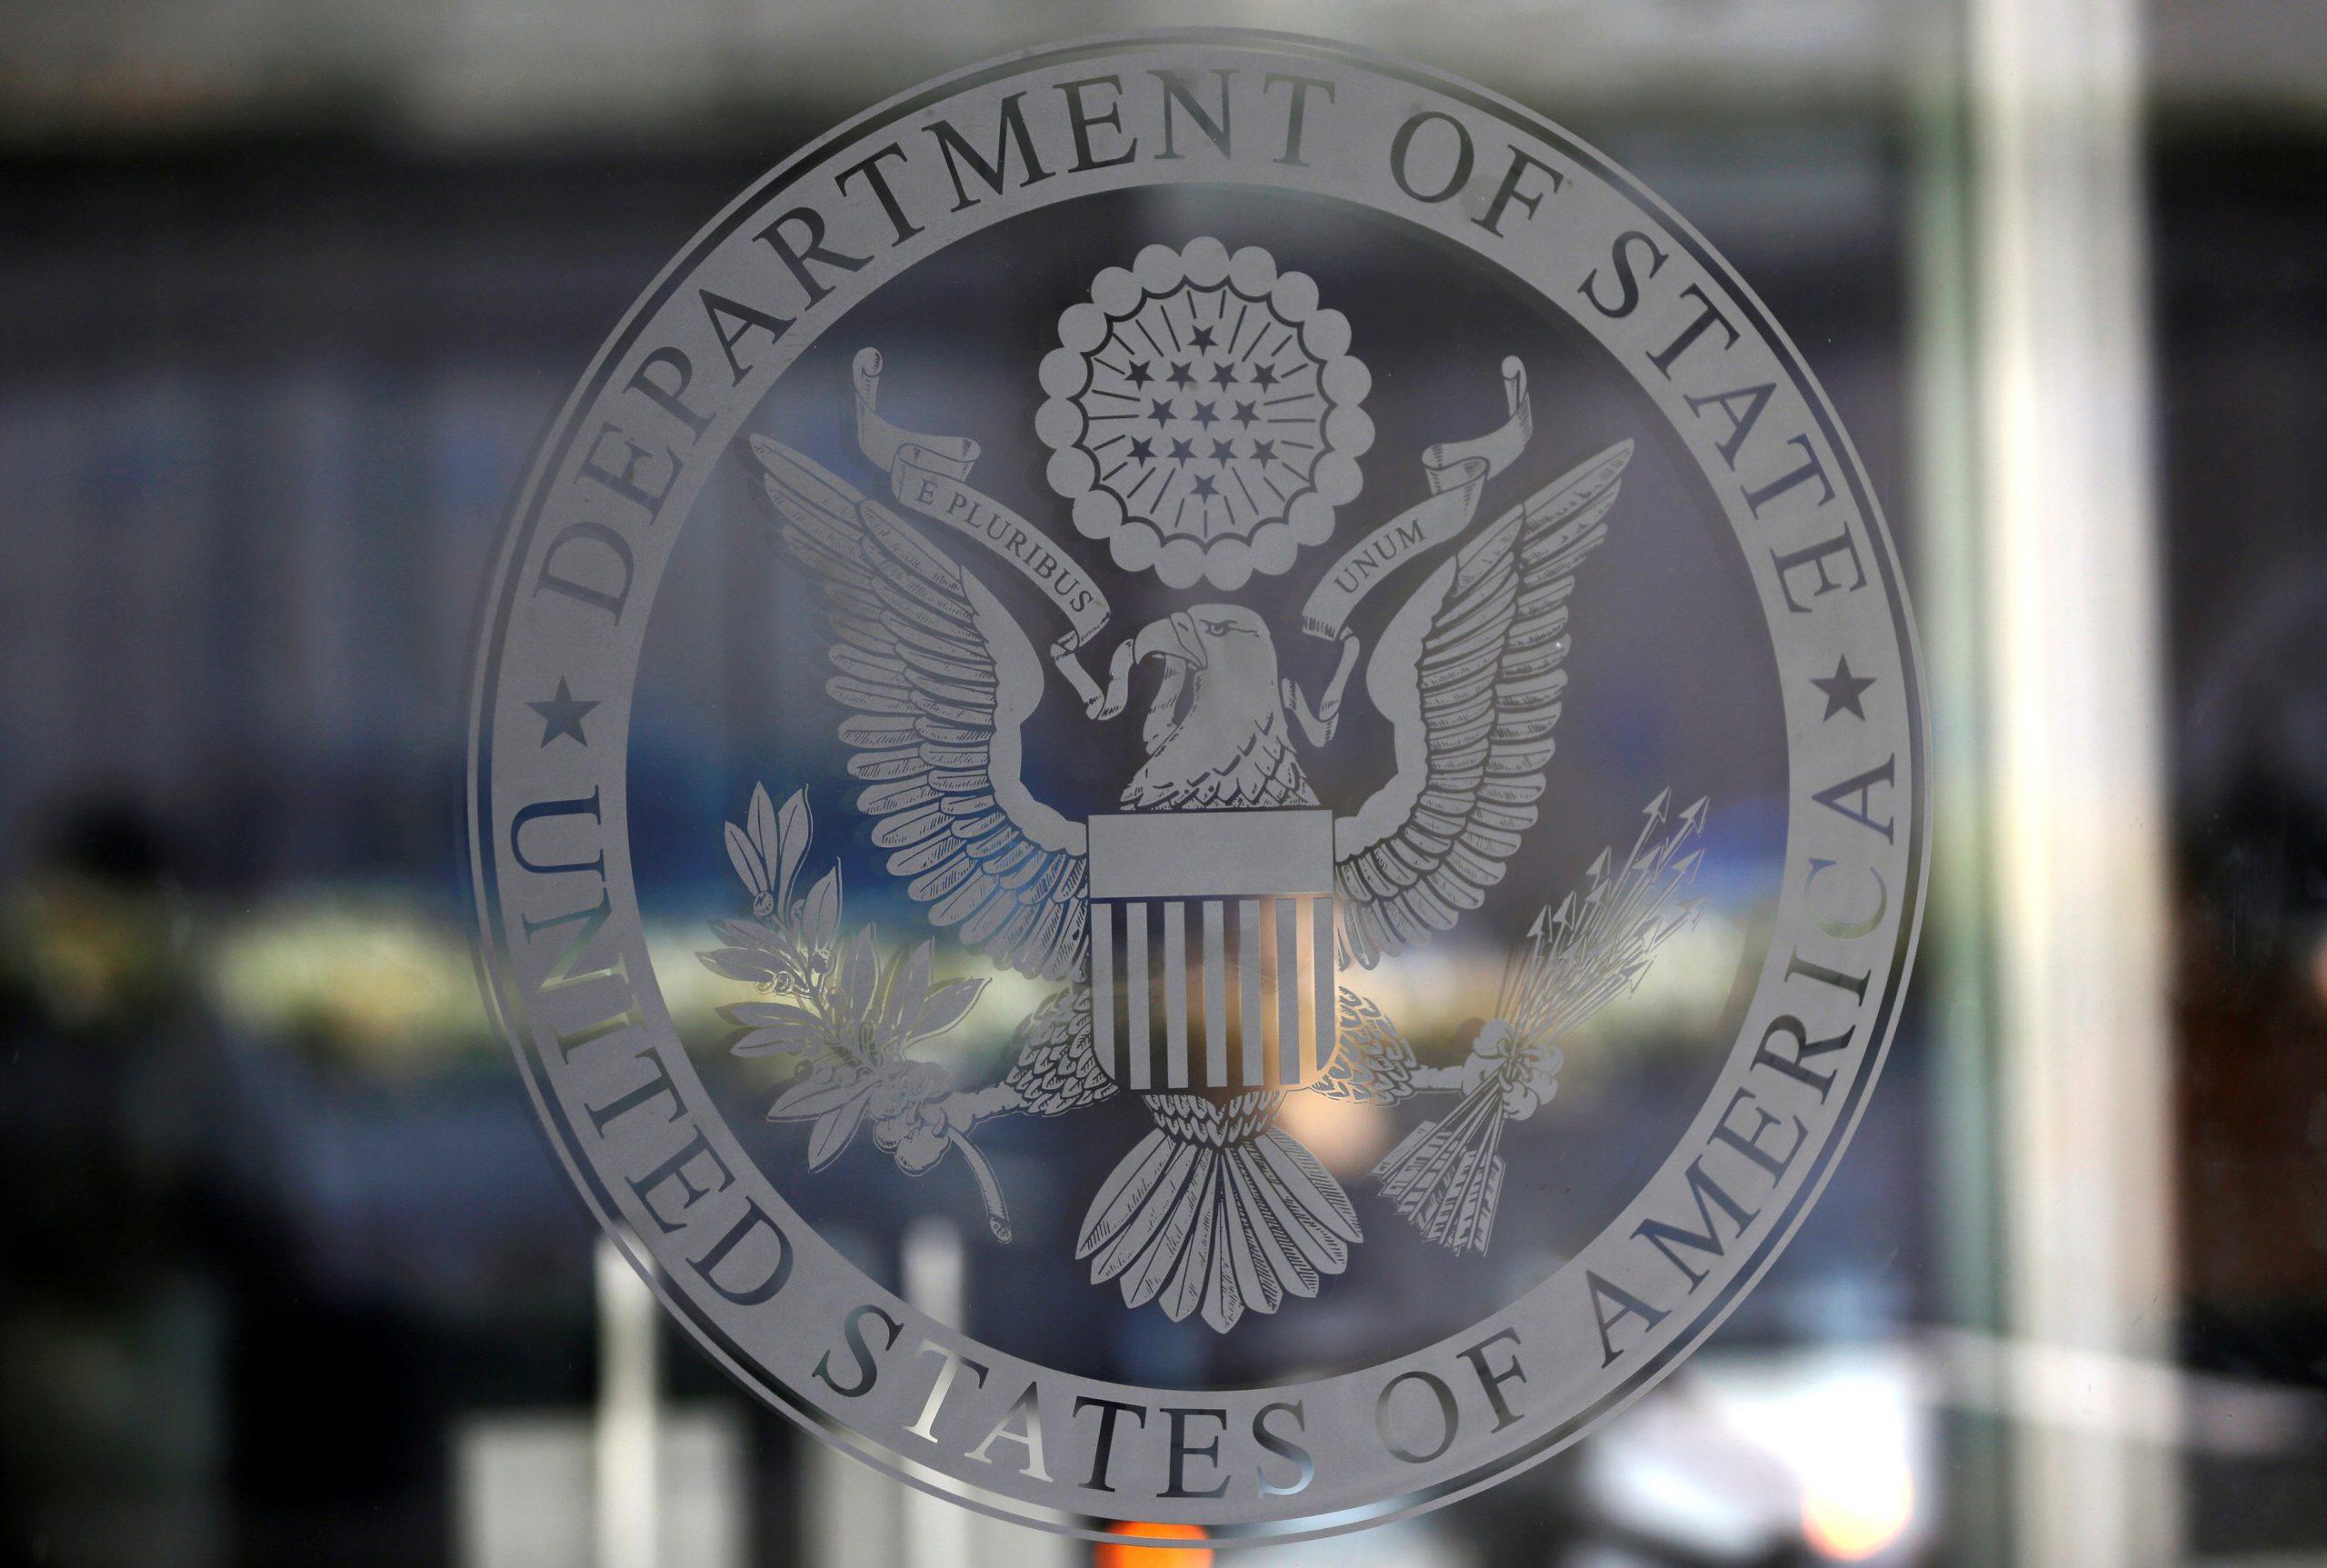 Στέιτ Ντιπάρτμεντ: Η Τουρκία να σταματήσει άμεσα τις ερευνητικές δραστηριότητες του «Oruc Reis»